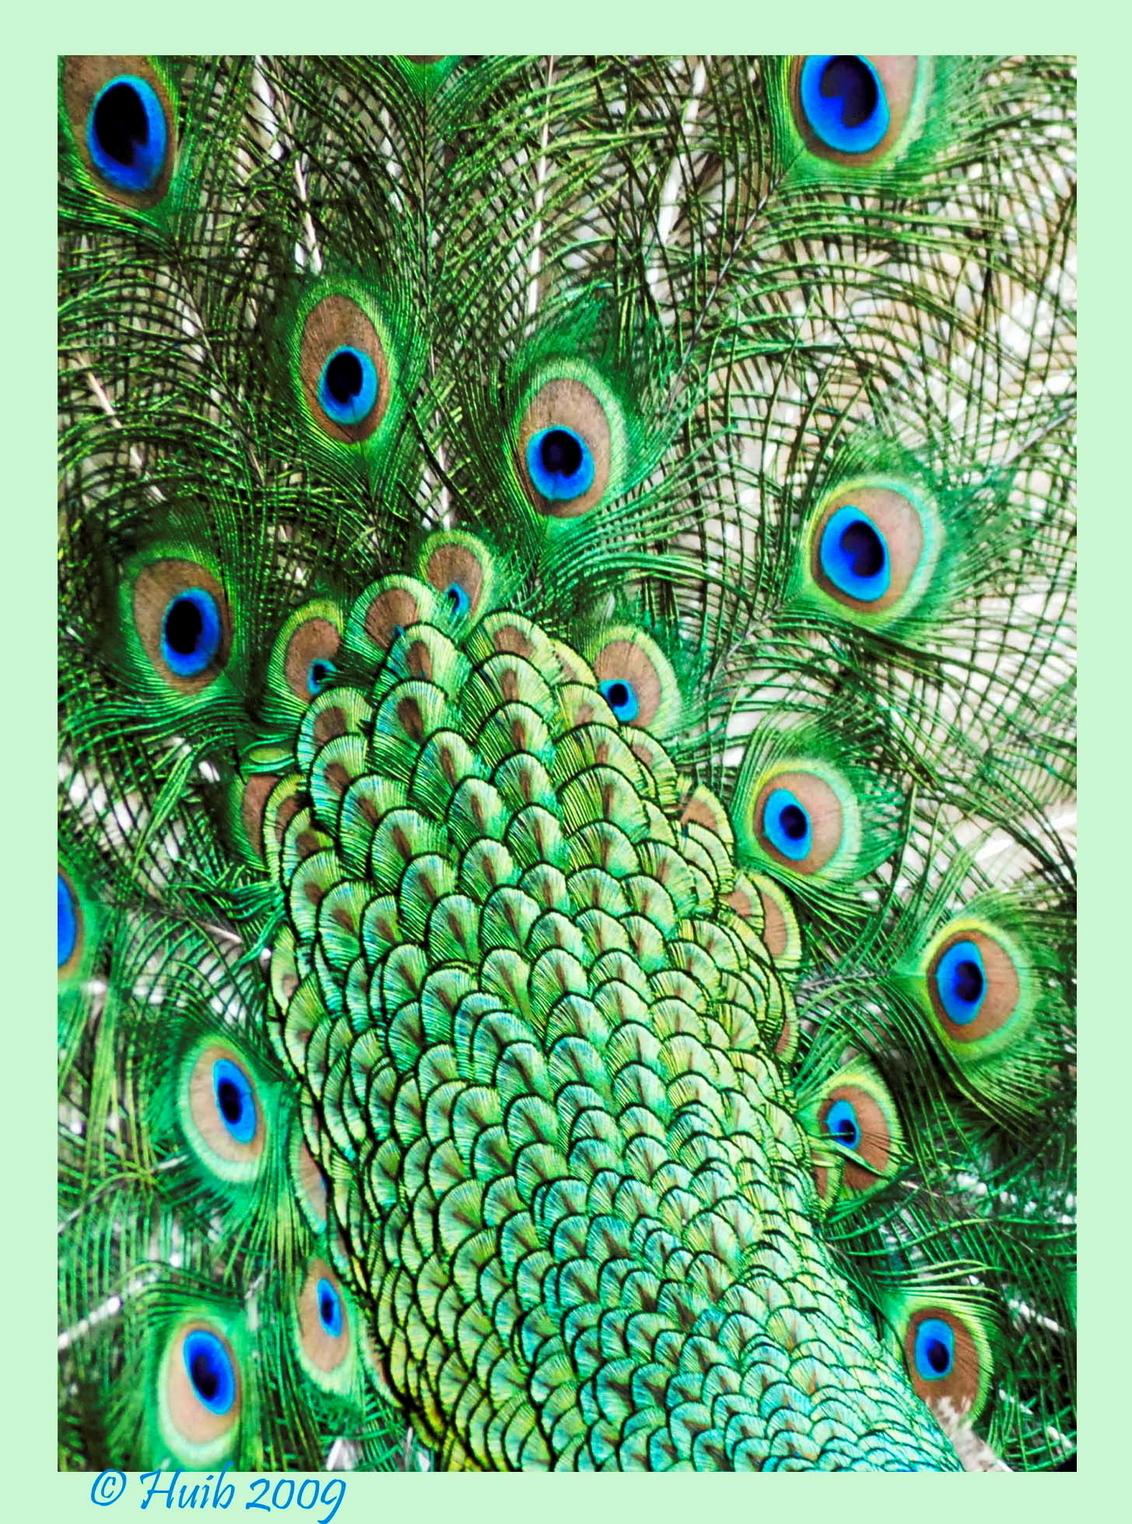 Kunst???? - Eens uit een anders standpunt bekeken. - foto door huib10 op 16-07-2009 - deze foto bevat: groen, blauw, dierentuin, natuur, veren, vogel, pauw, dier, veer